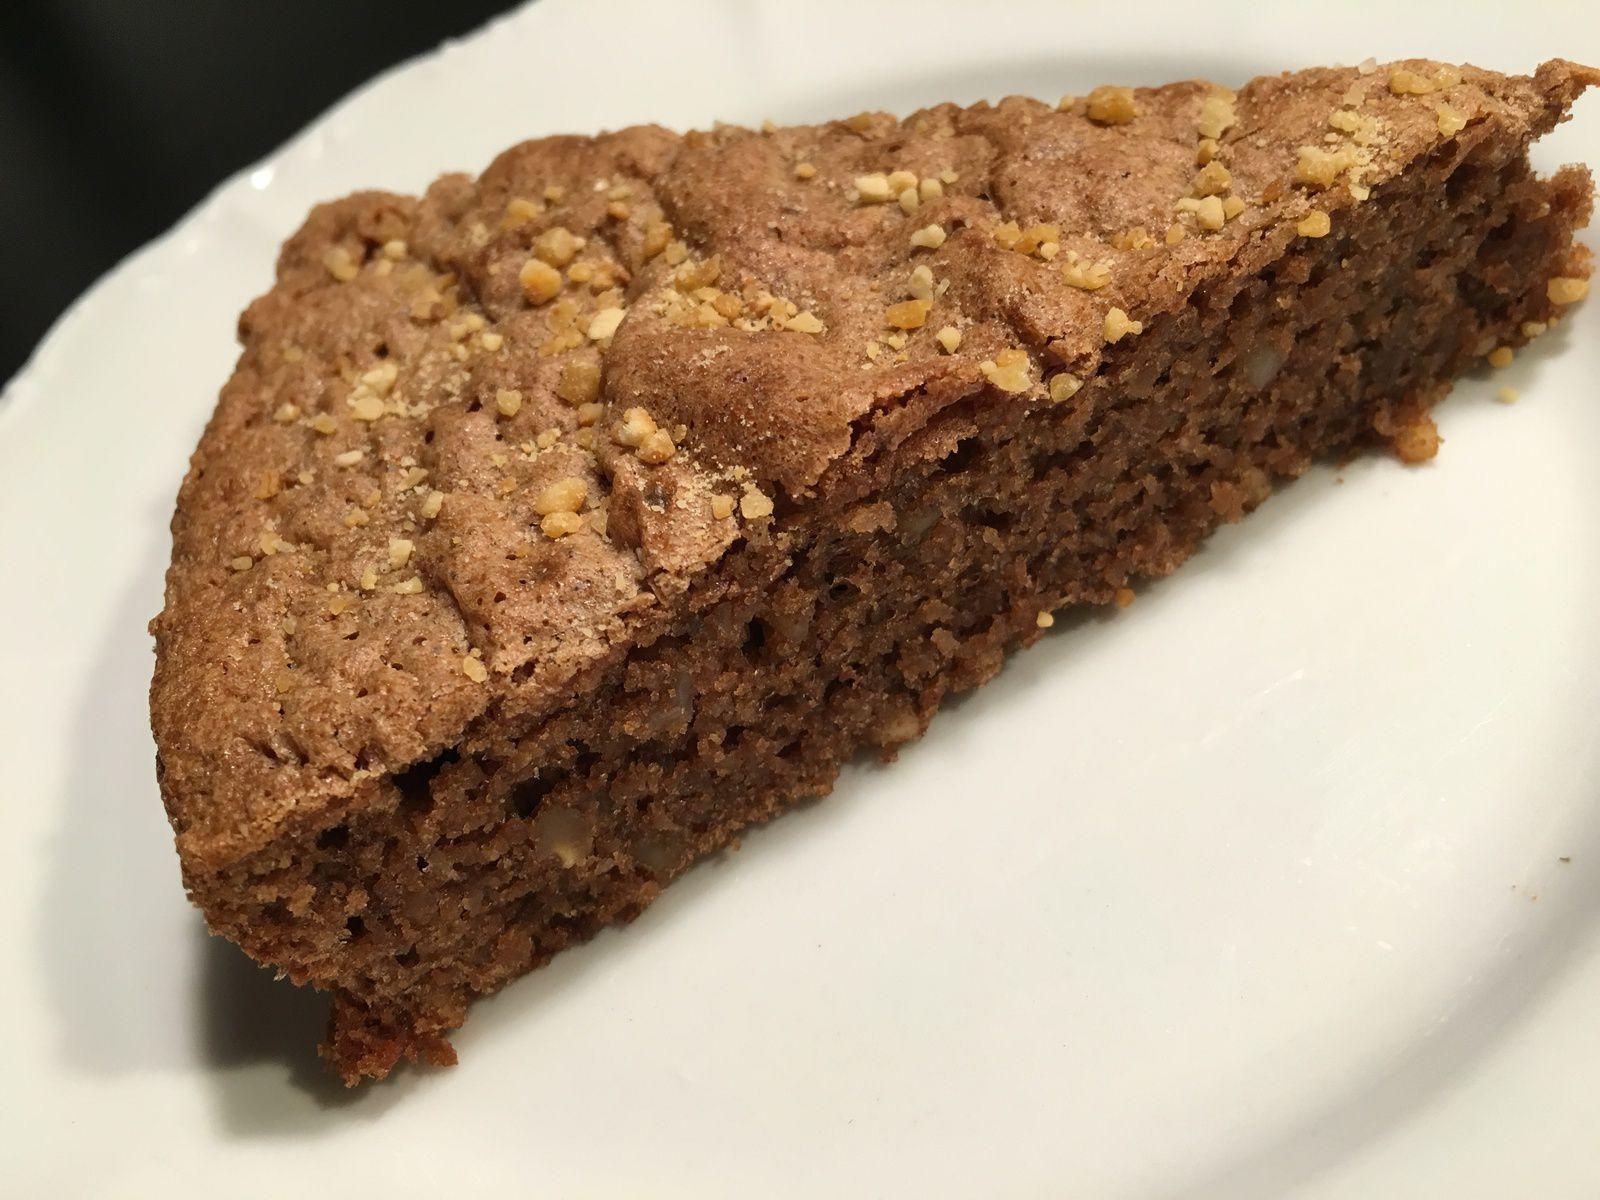 Le Biscuit au chocolat doux comme un calin